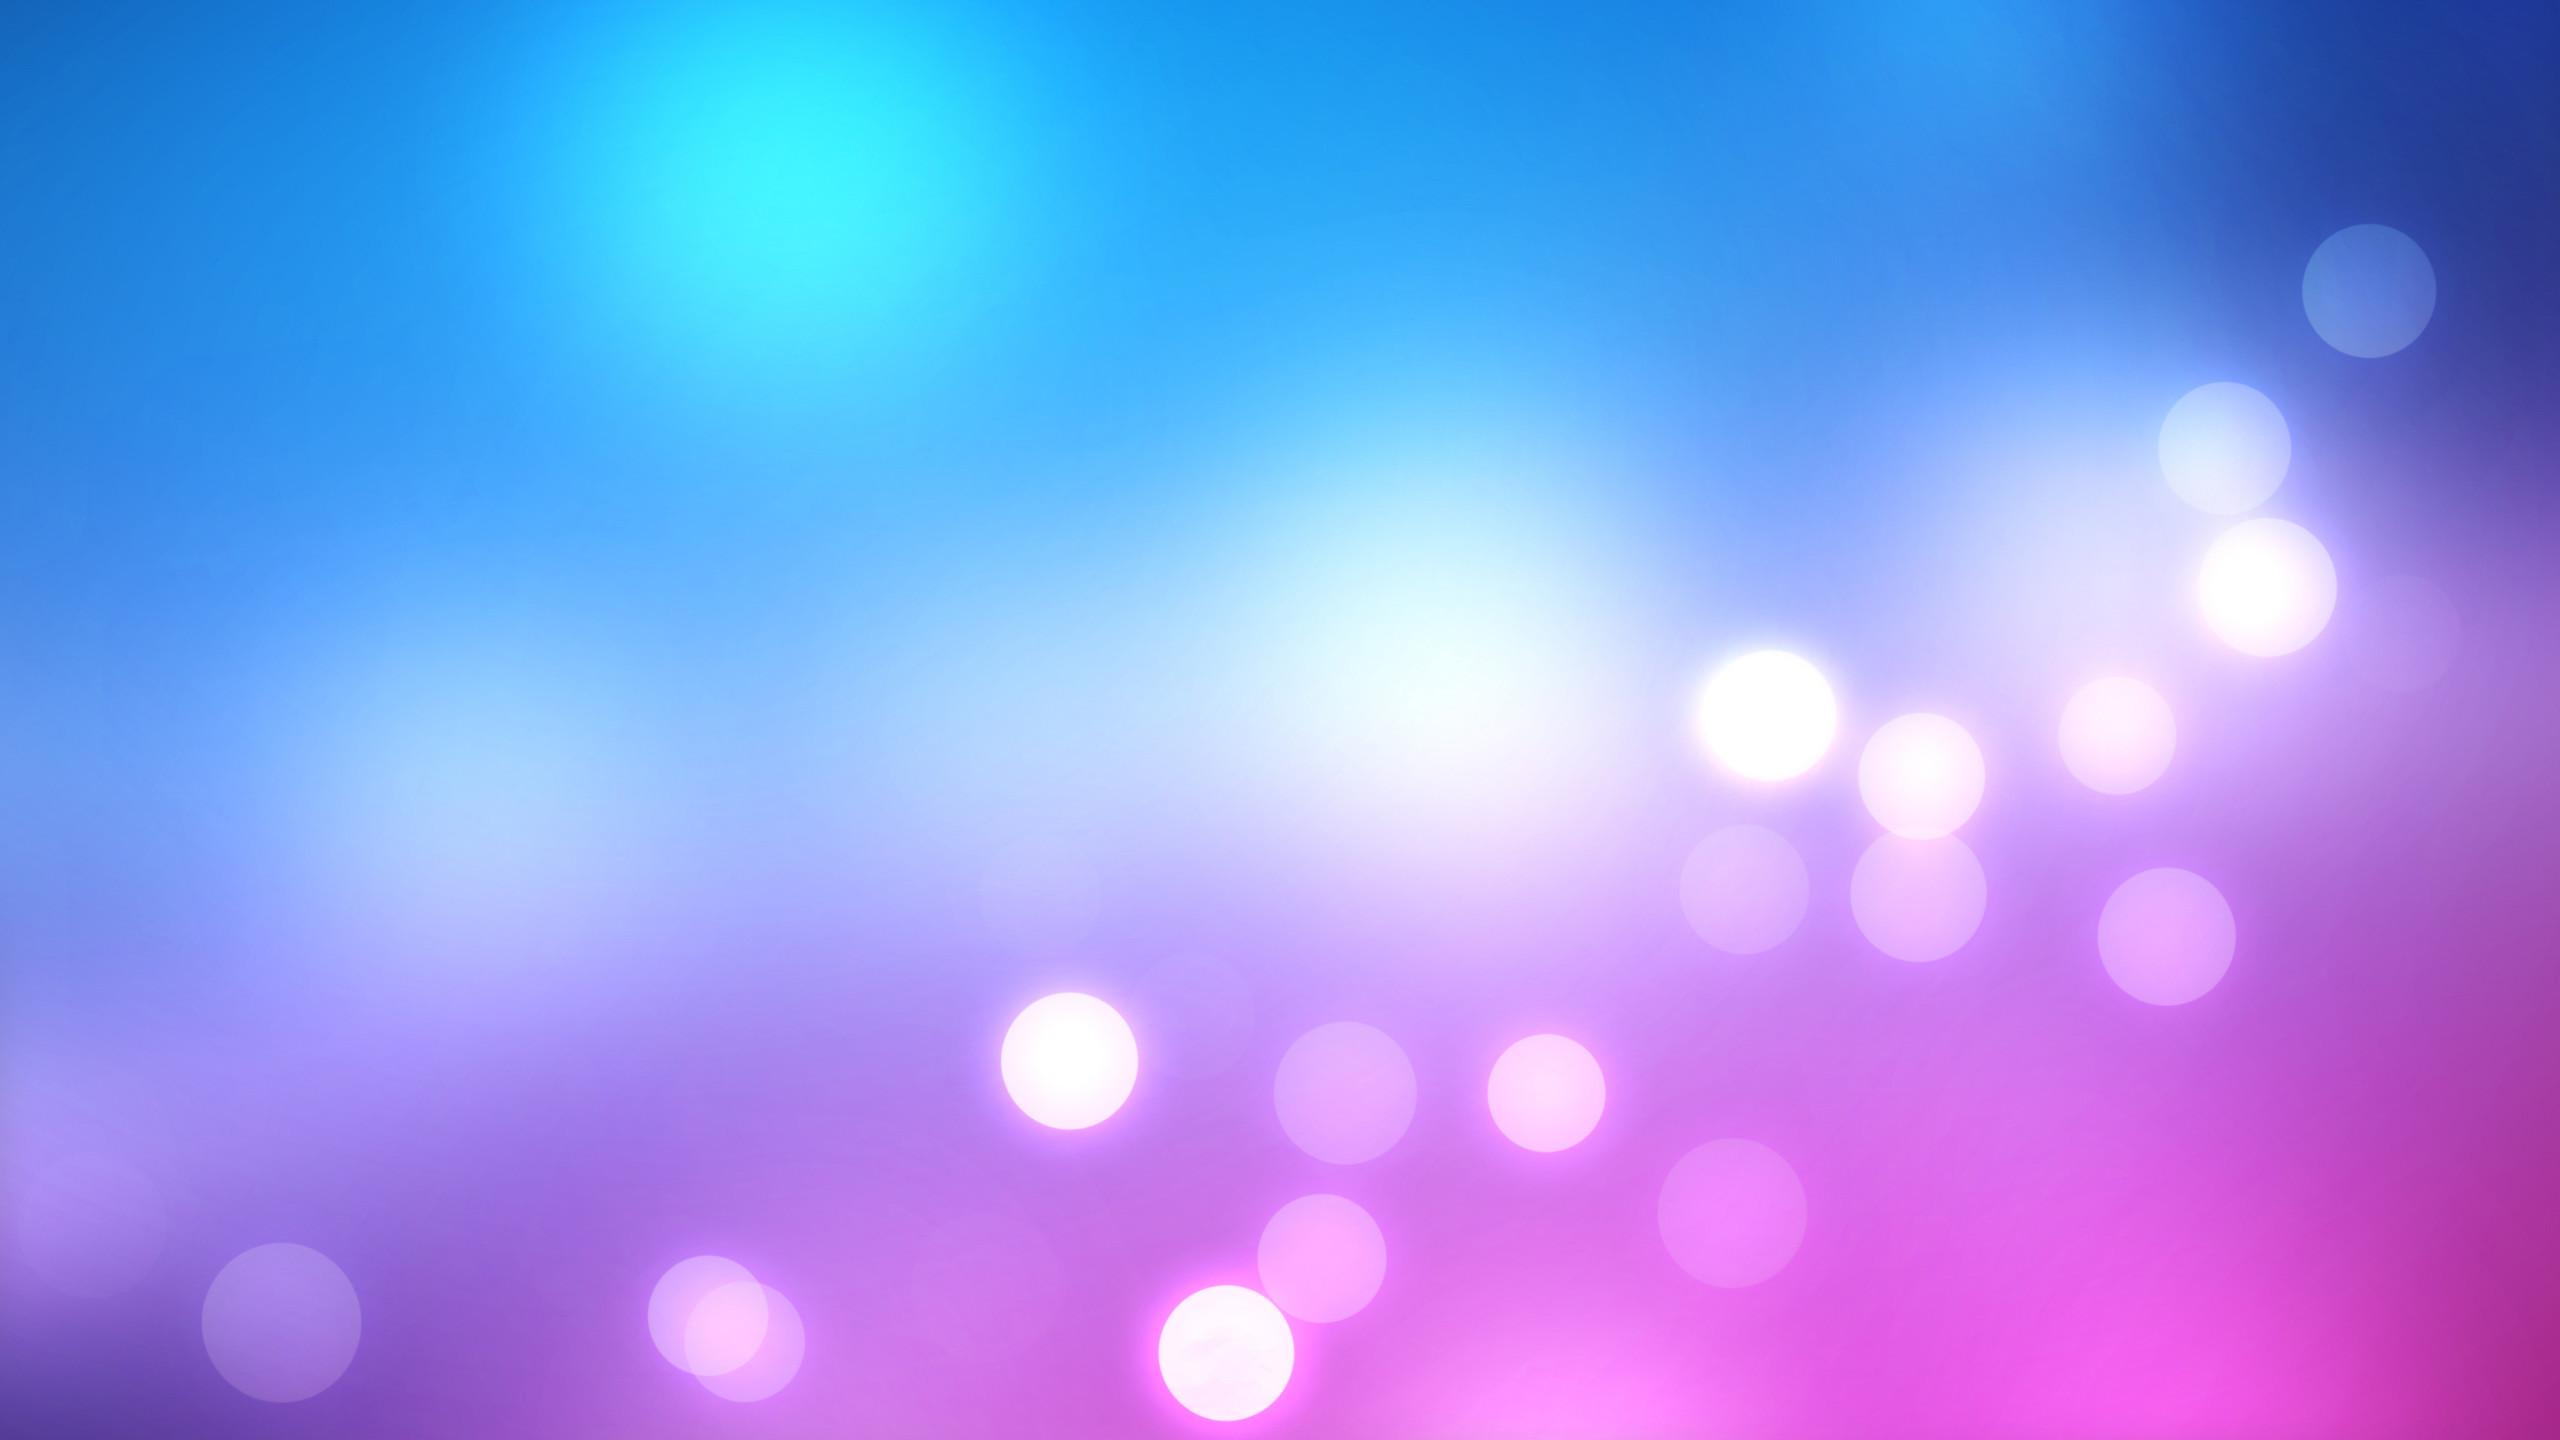 2048x1152 Preview Wallpaper Glitter Lights Spots Dots